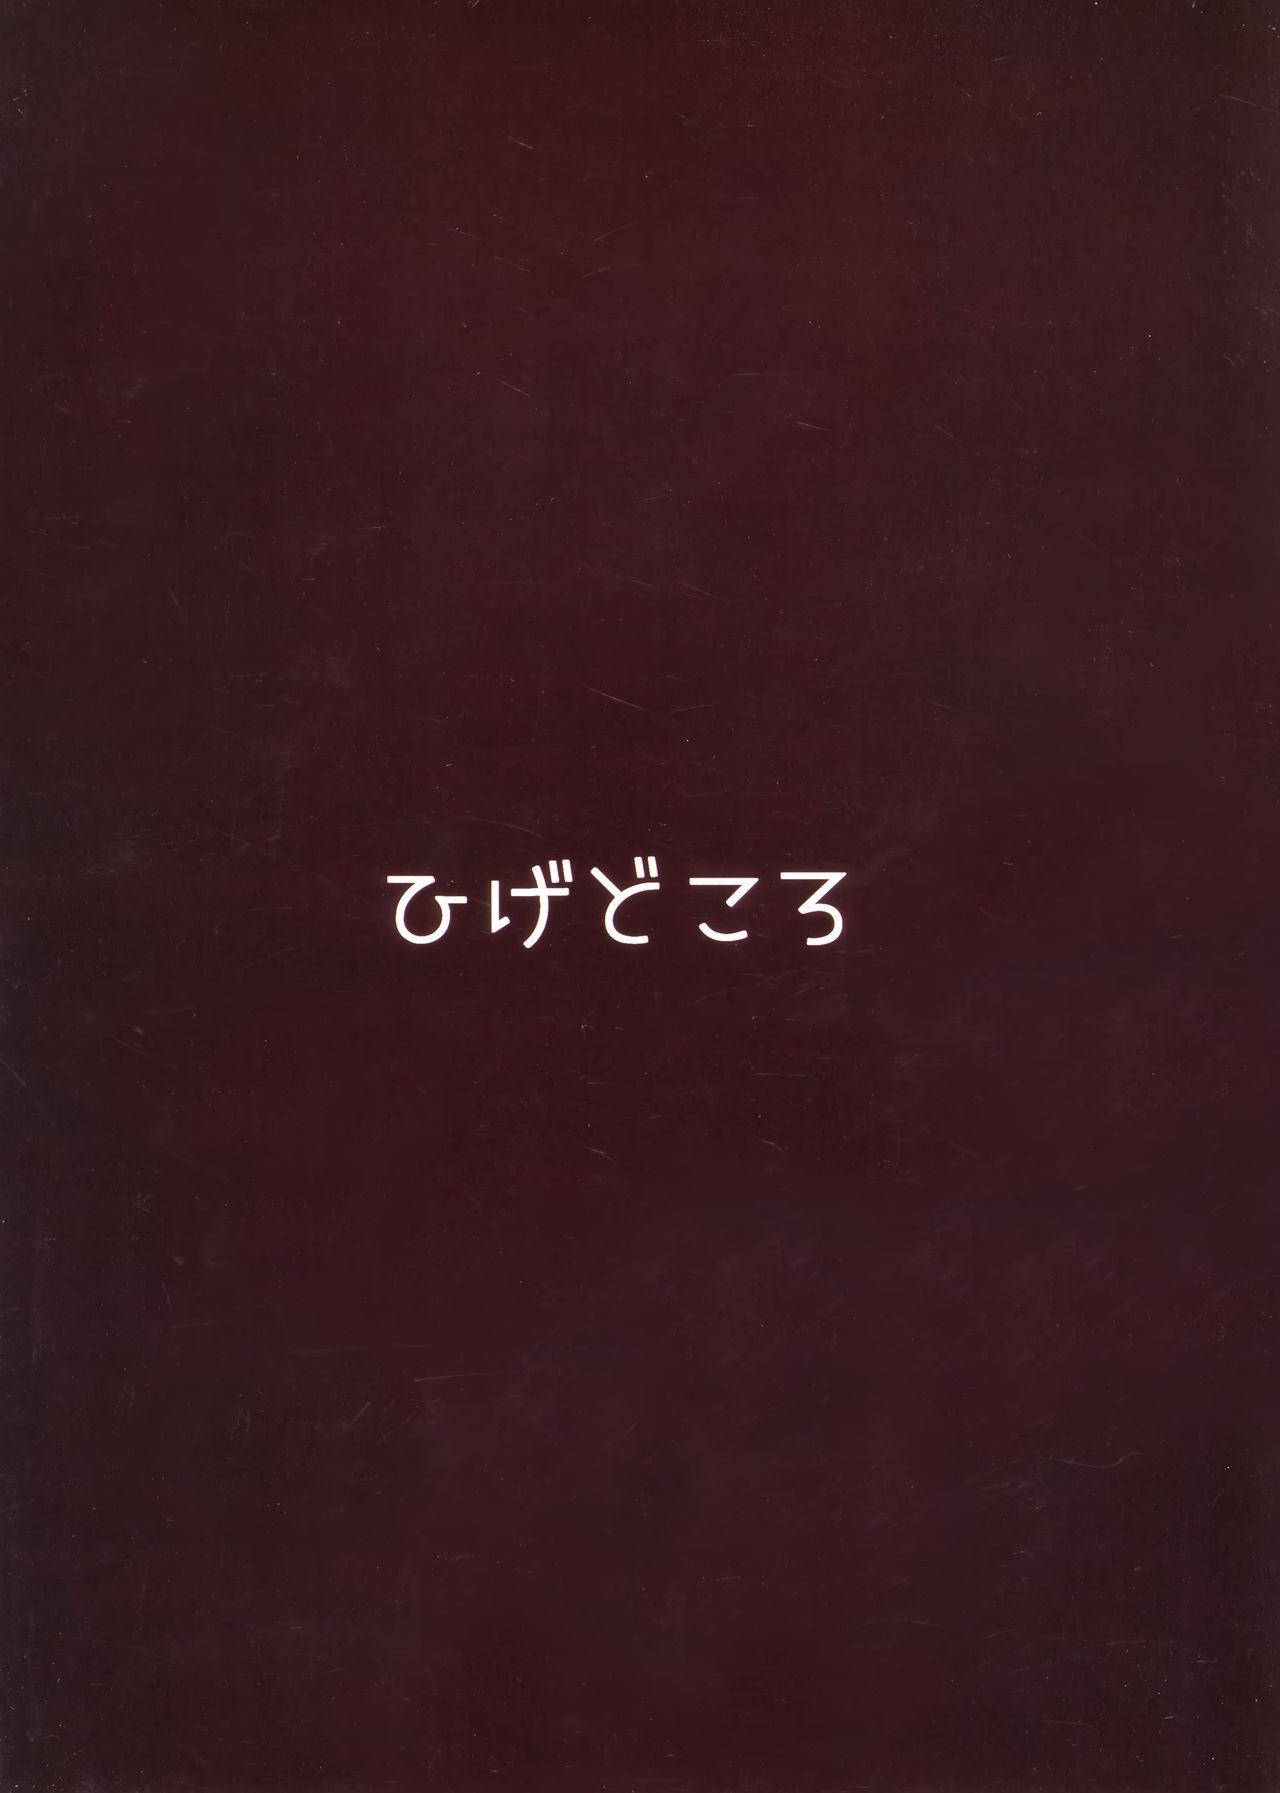 Bunshin shita Kishi-kun ga, Kokkoro to Shiori o Mederu Hon | A book about making love to Kokkoro and Shiori with my shadow clones 21